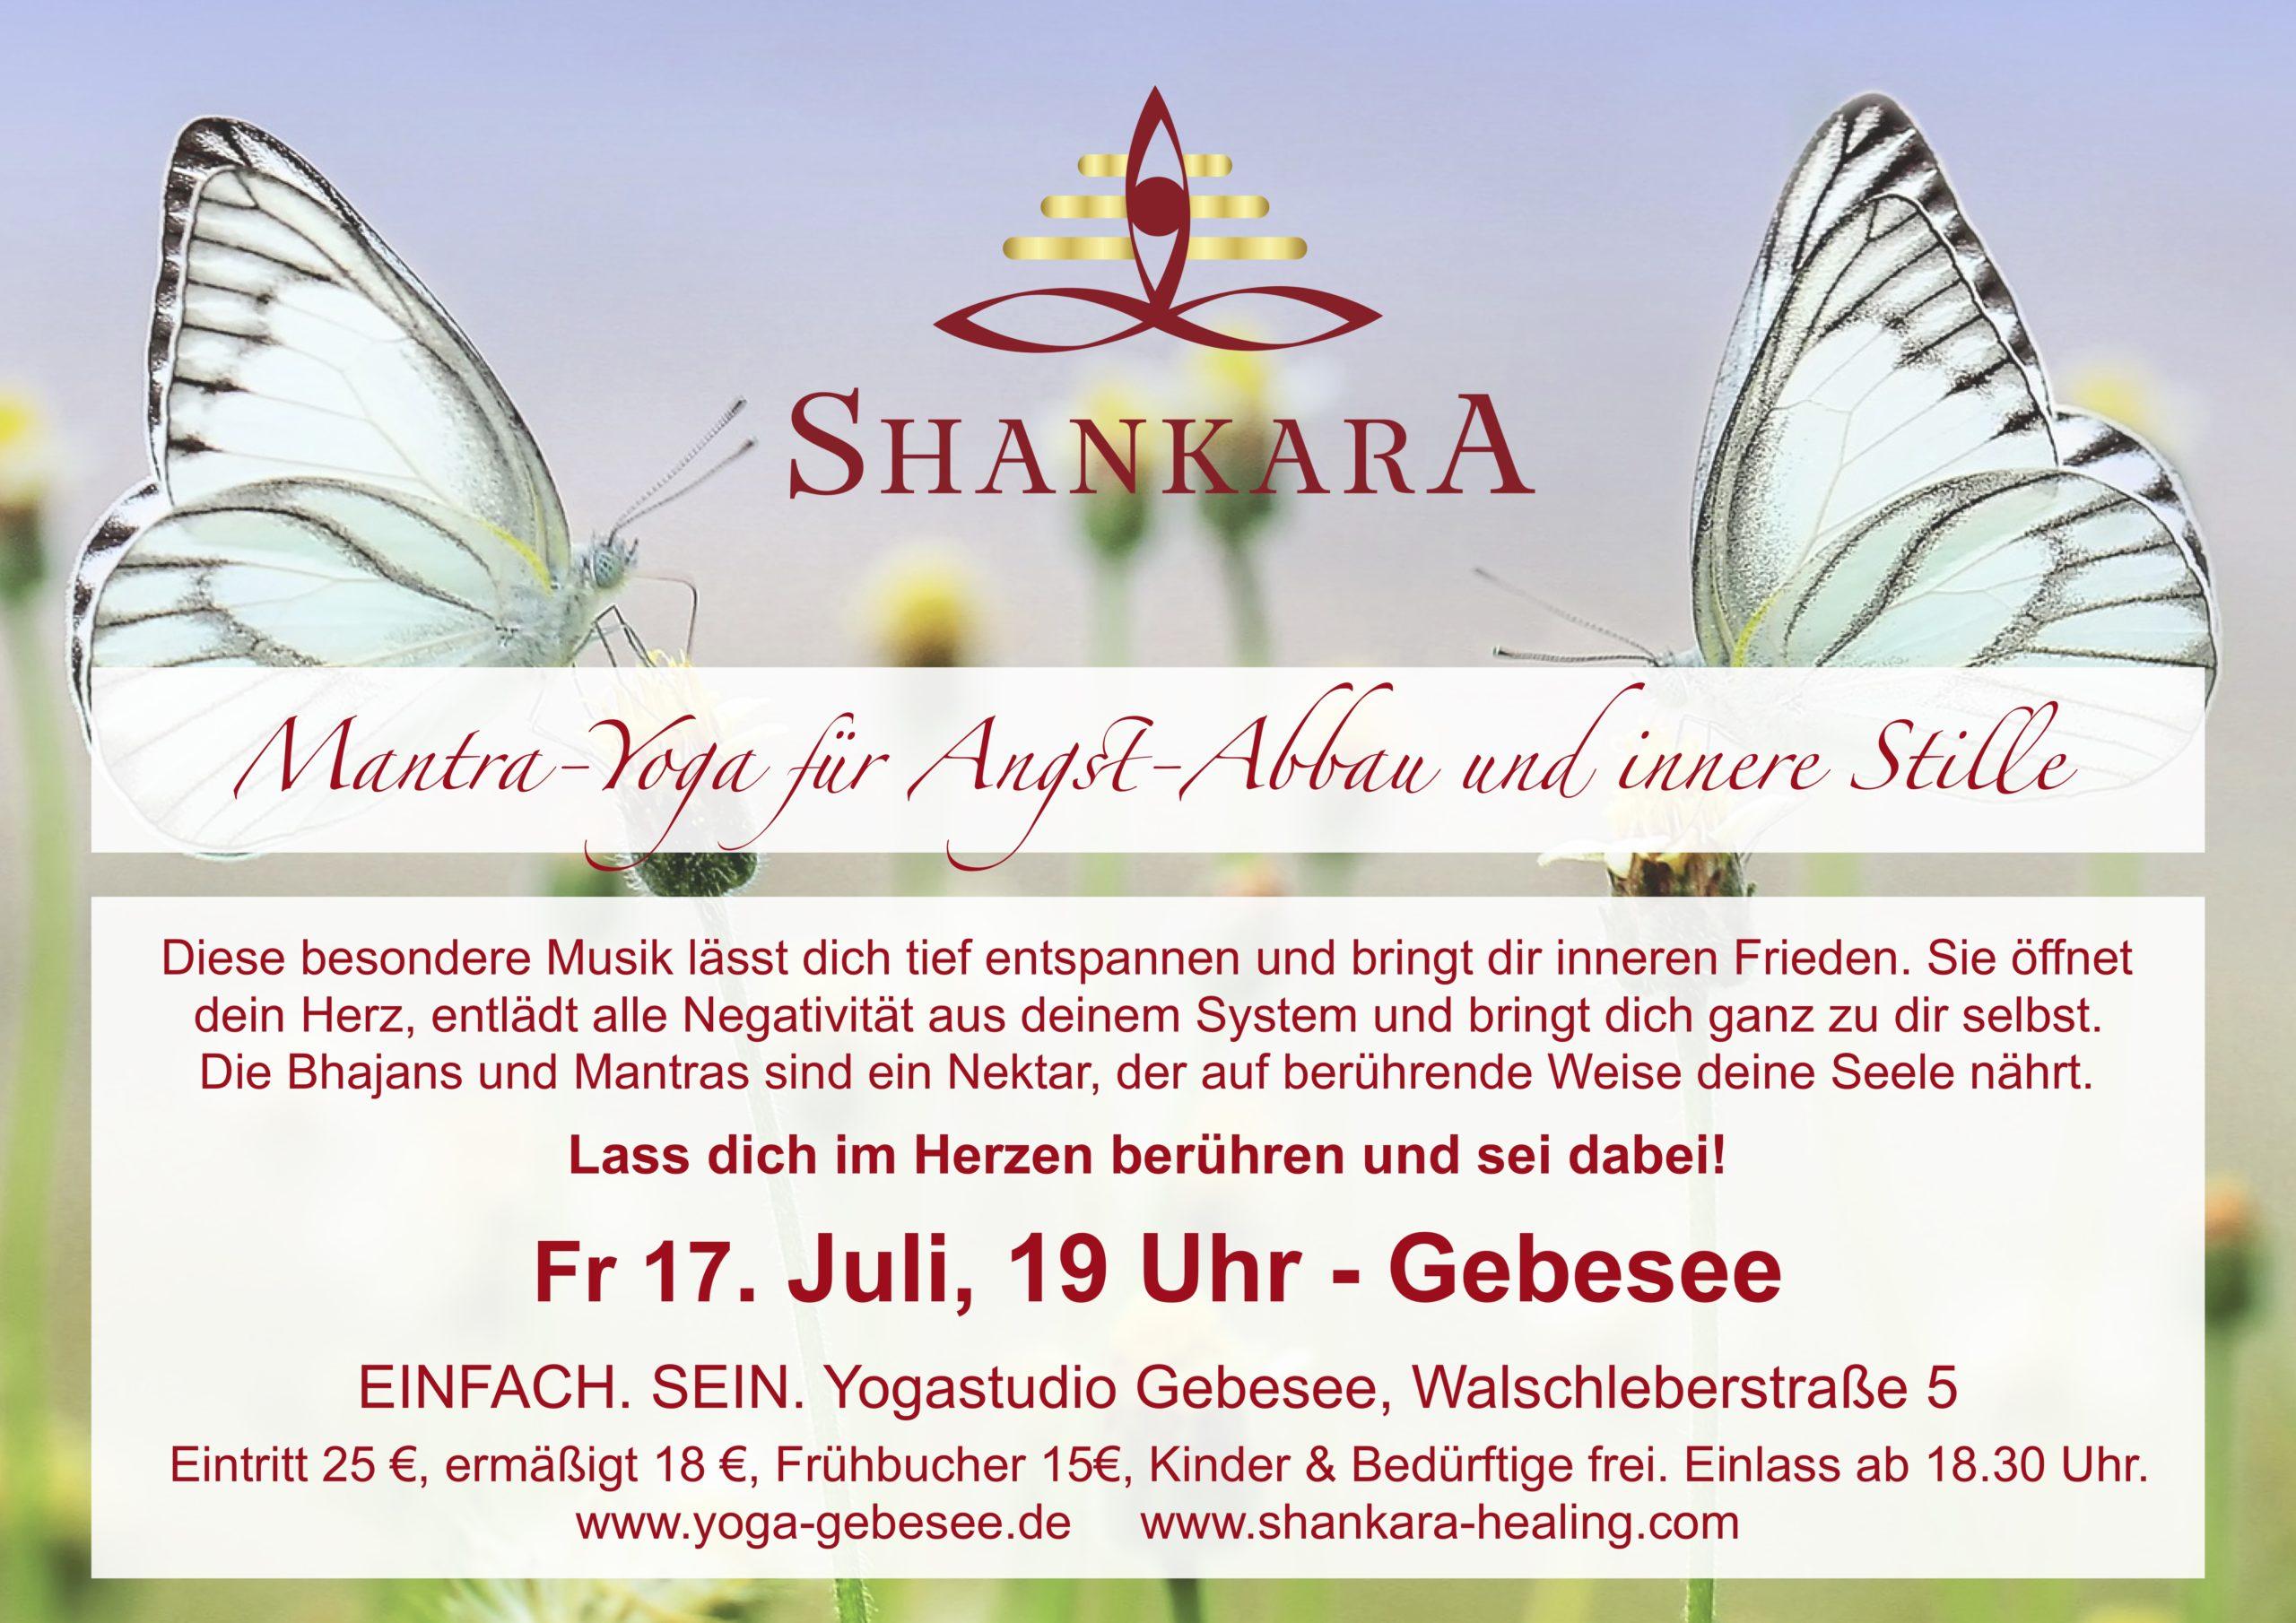 Mantra-Yoga für Angst-Abbau und innere Stille